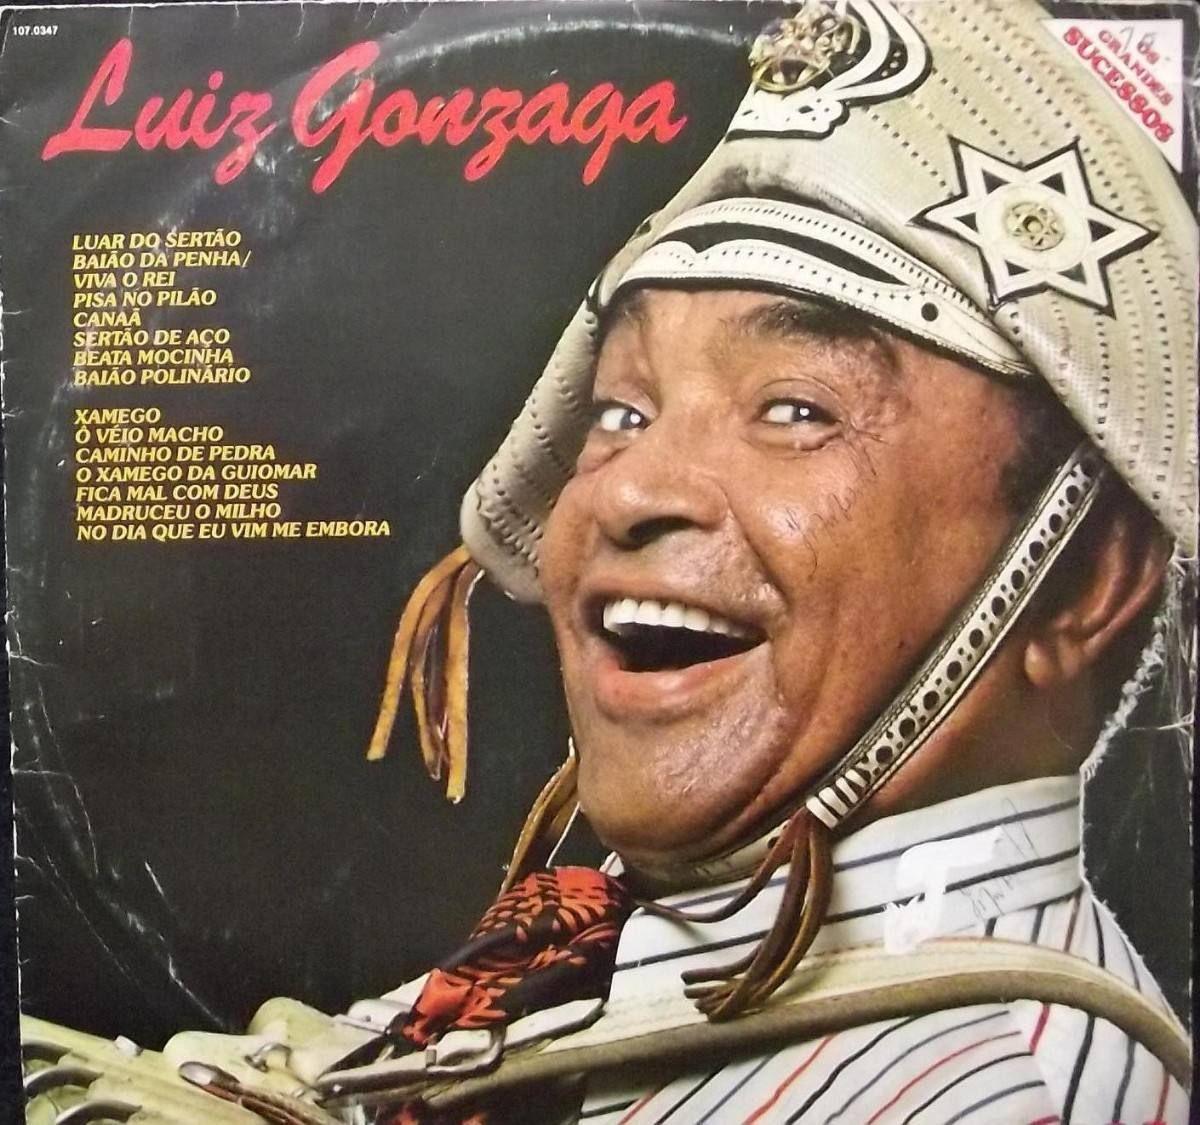 Luiz Gonzaga O Rei Do Baiao Luiz Gonzaga Baiao Rei Do Baiao